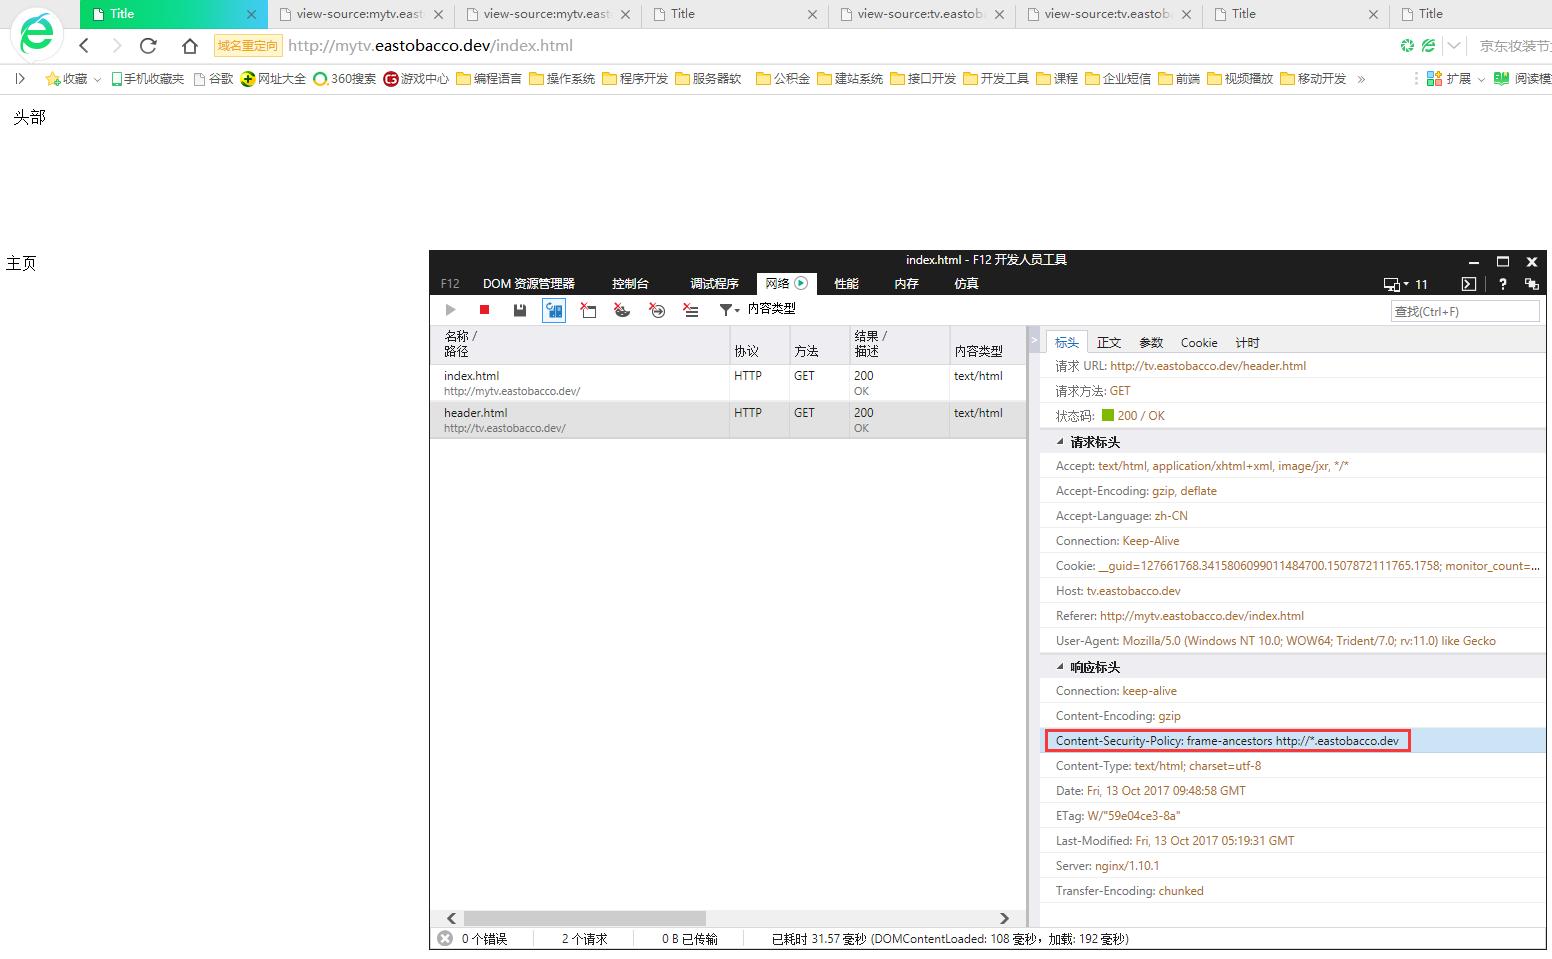 重复第7步骤,发现header.html可以在mytv域名下展示,符合预期